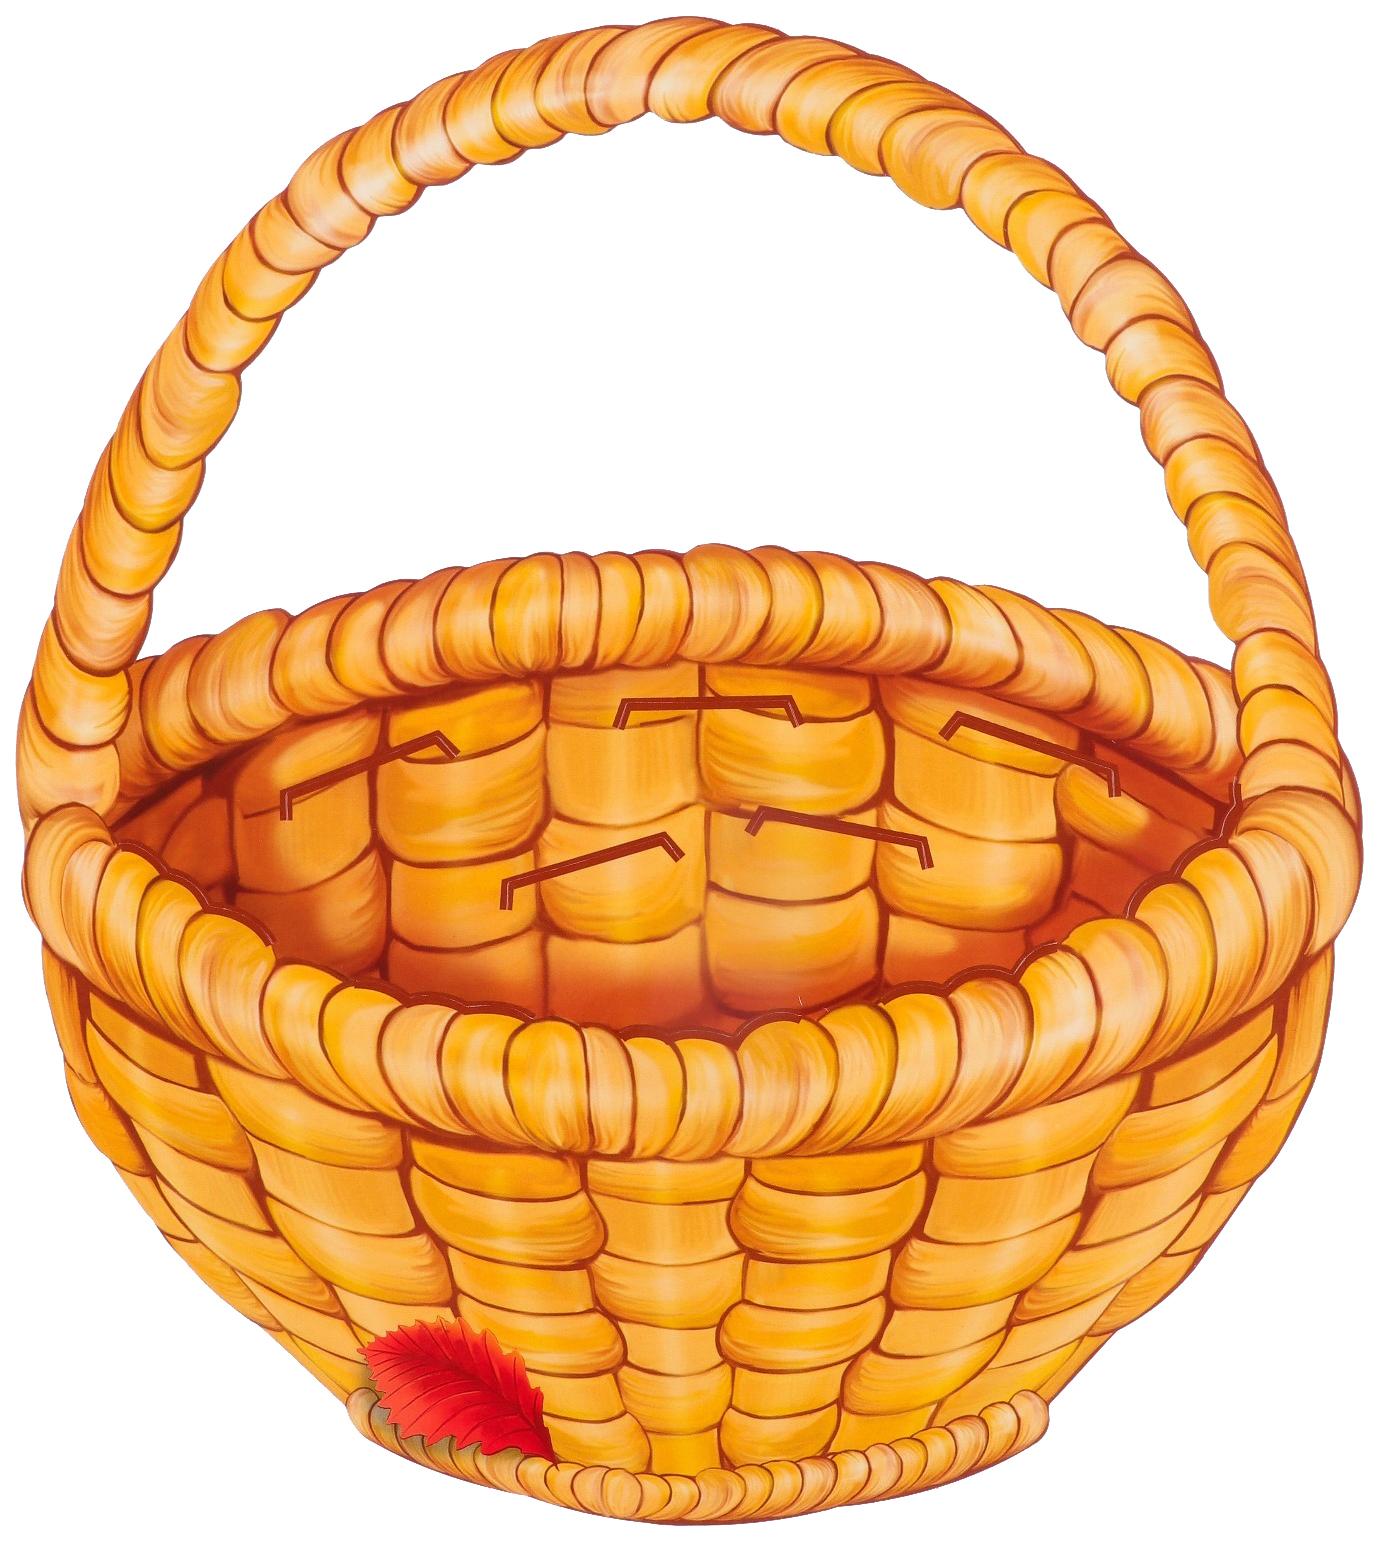 картинка для корзины на сайт кортеж